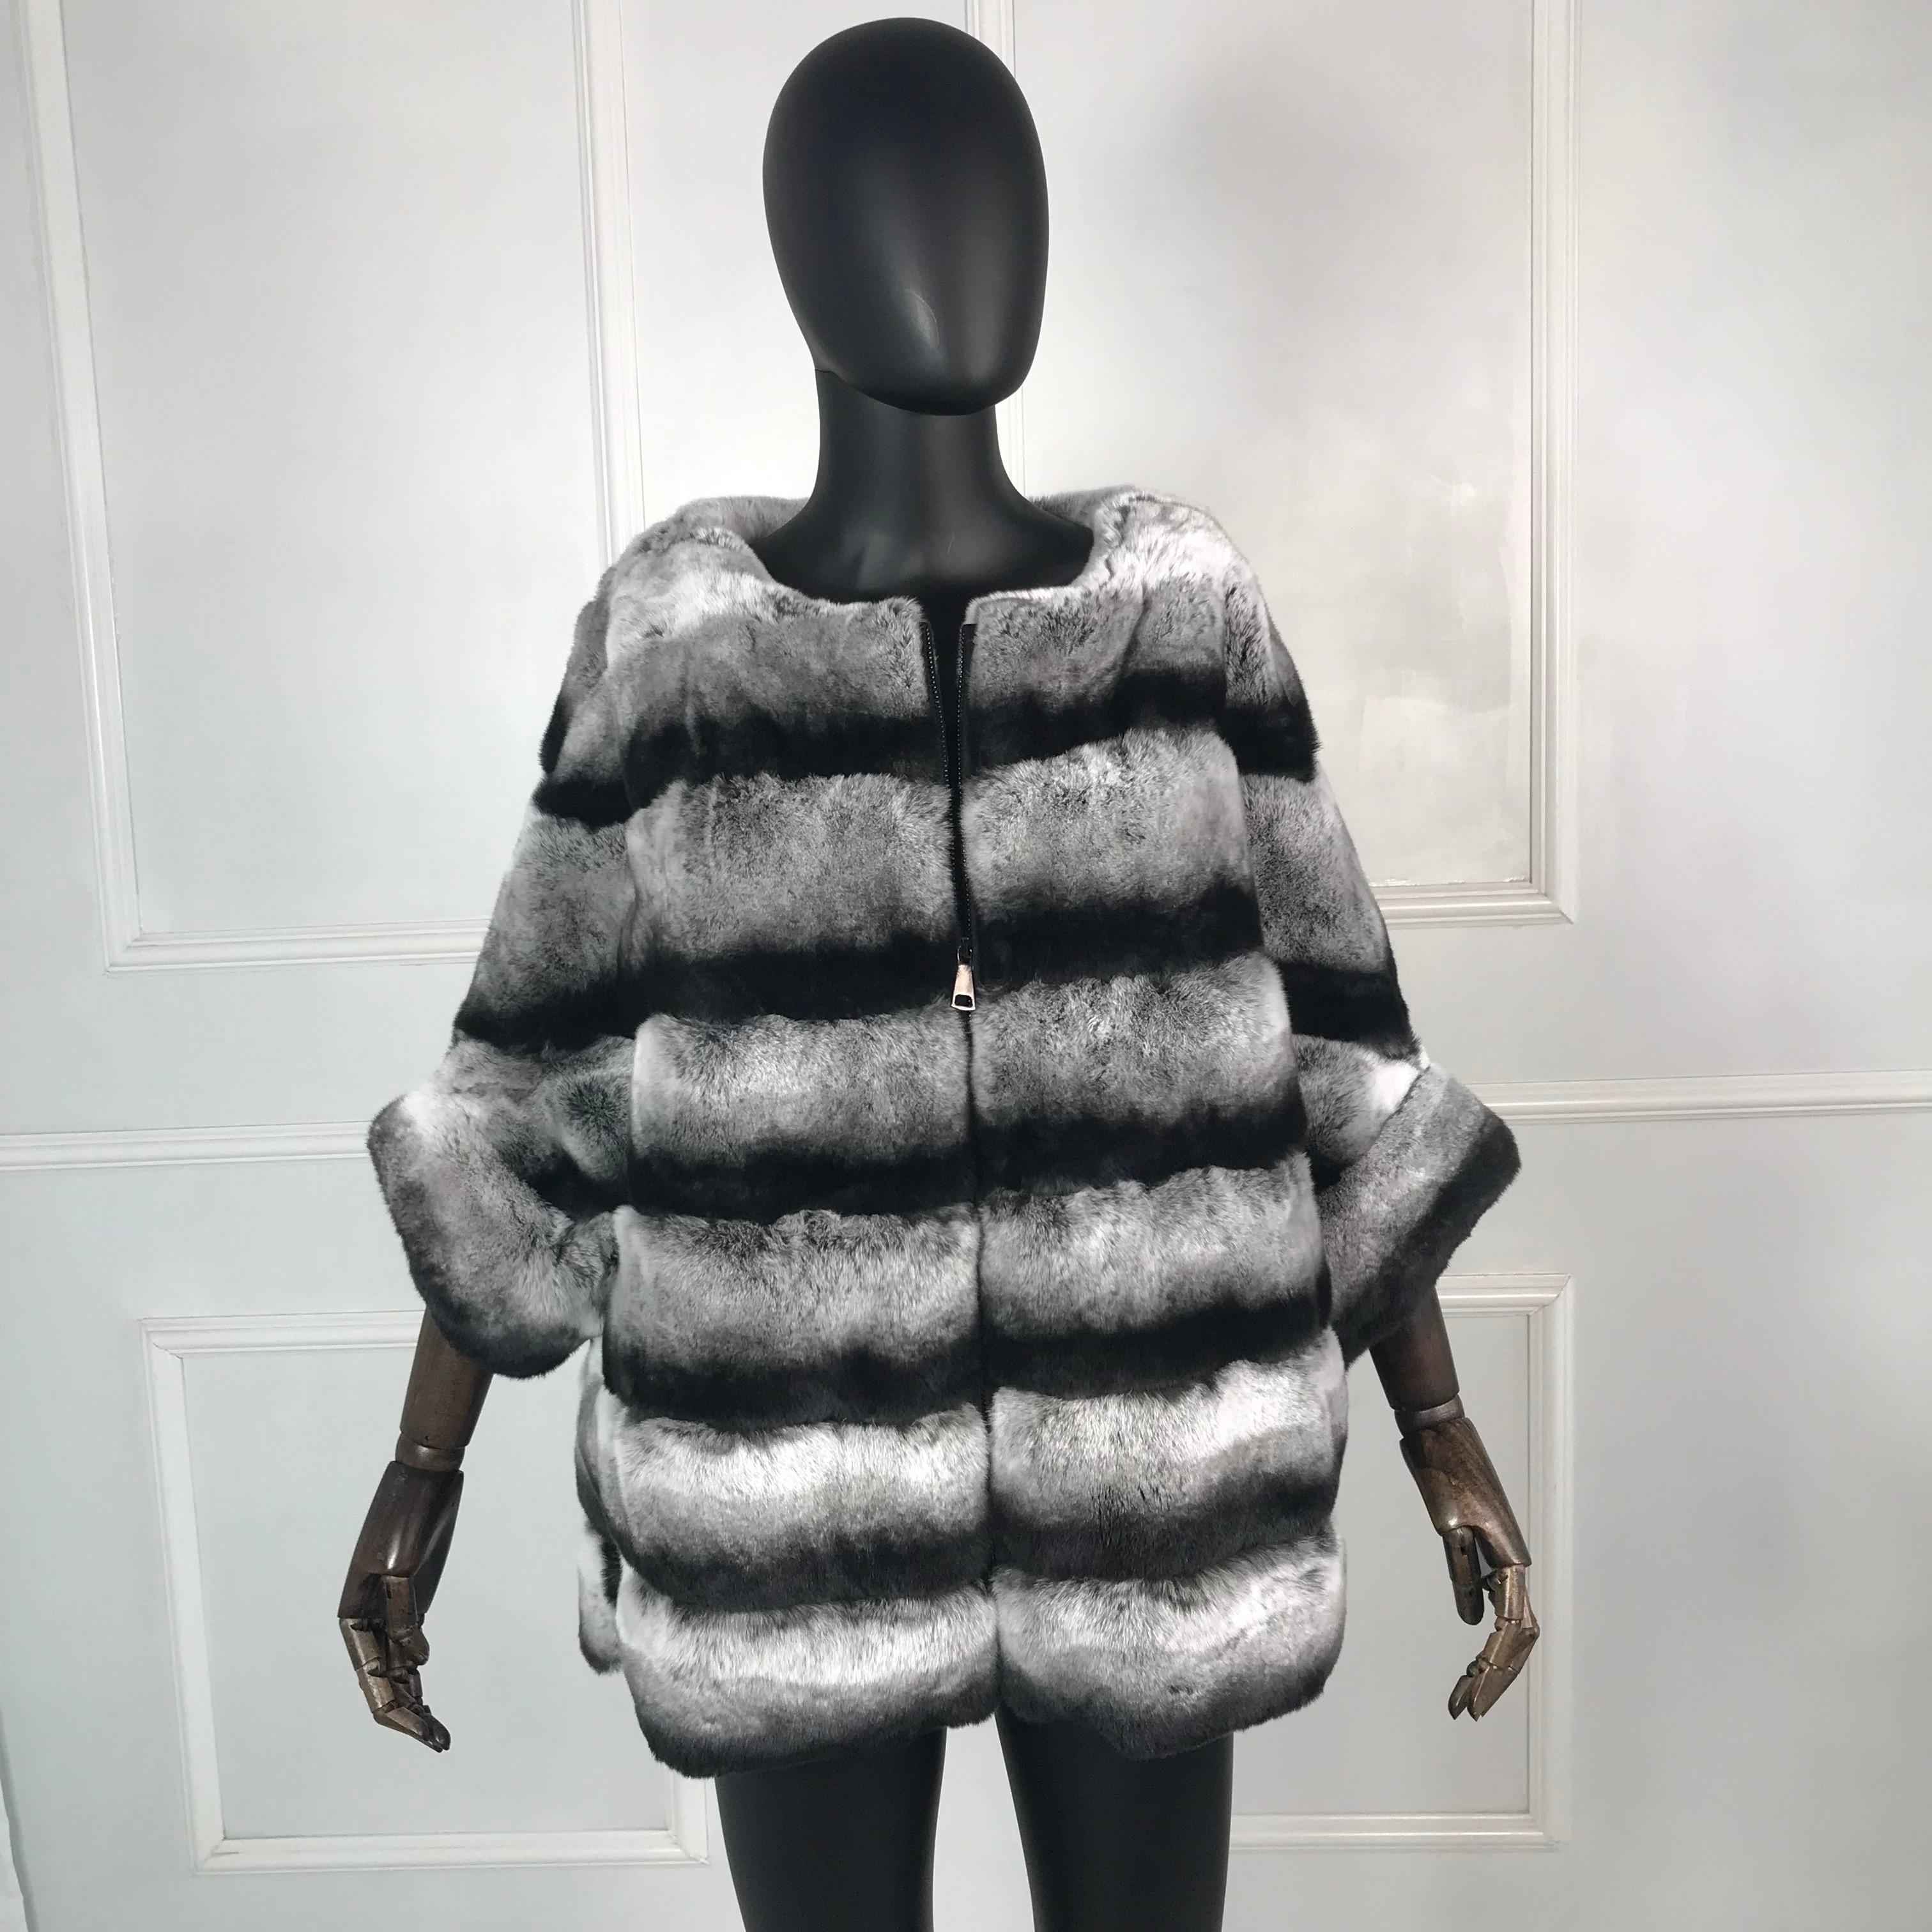 Véritable manteau de fourrure de haute qualité véritable Rex lapin manteau de fourrure veste avec manches chauve-souris multicolore naturel réel manteau de fourrure chaude fermeture à glissière